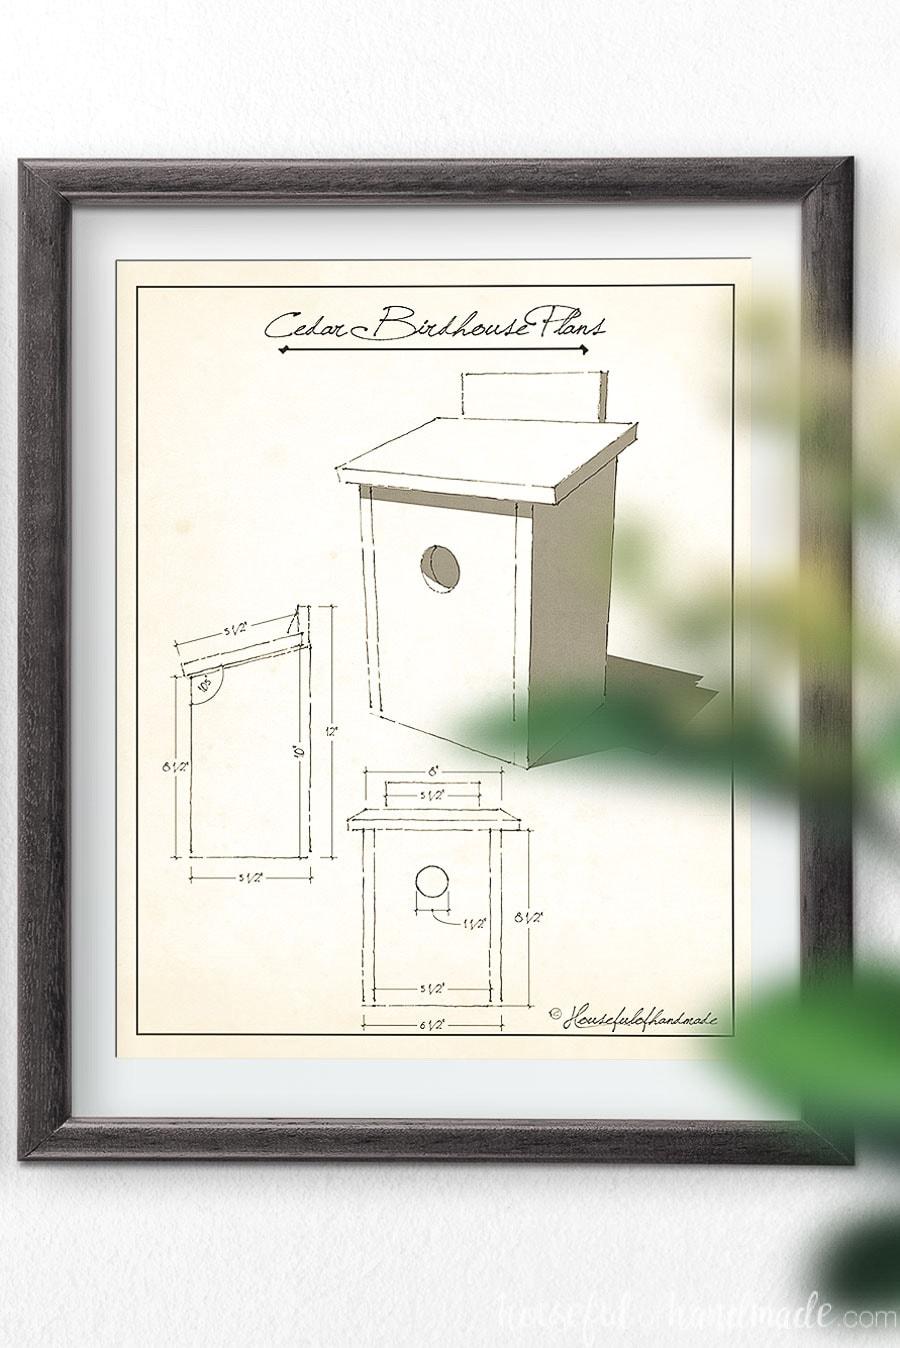 Cedar birdhouse plans art in a frame on the wall.